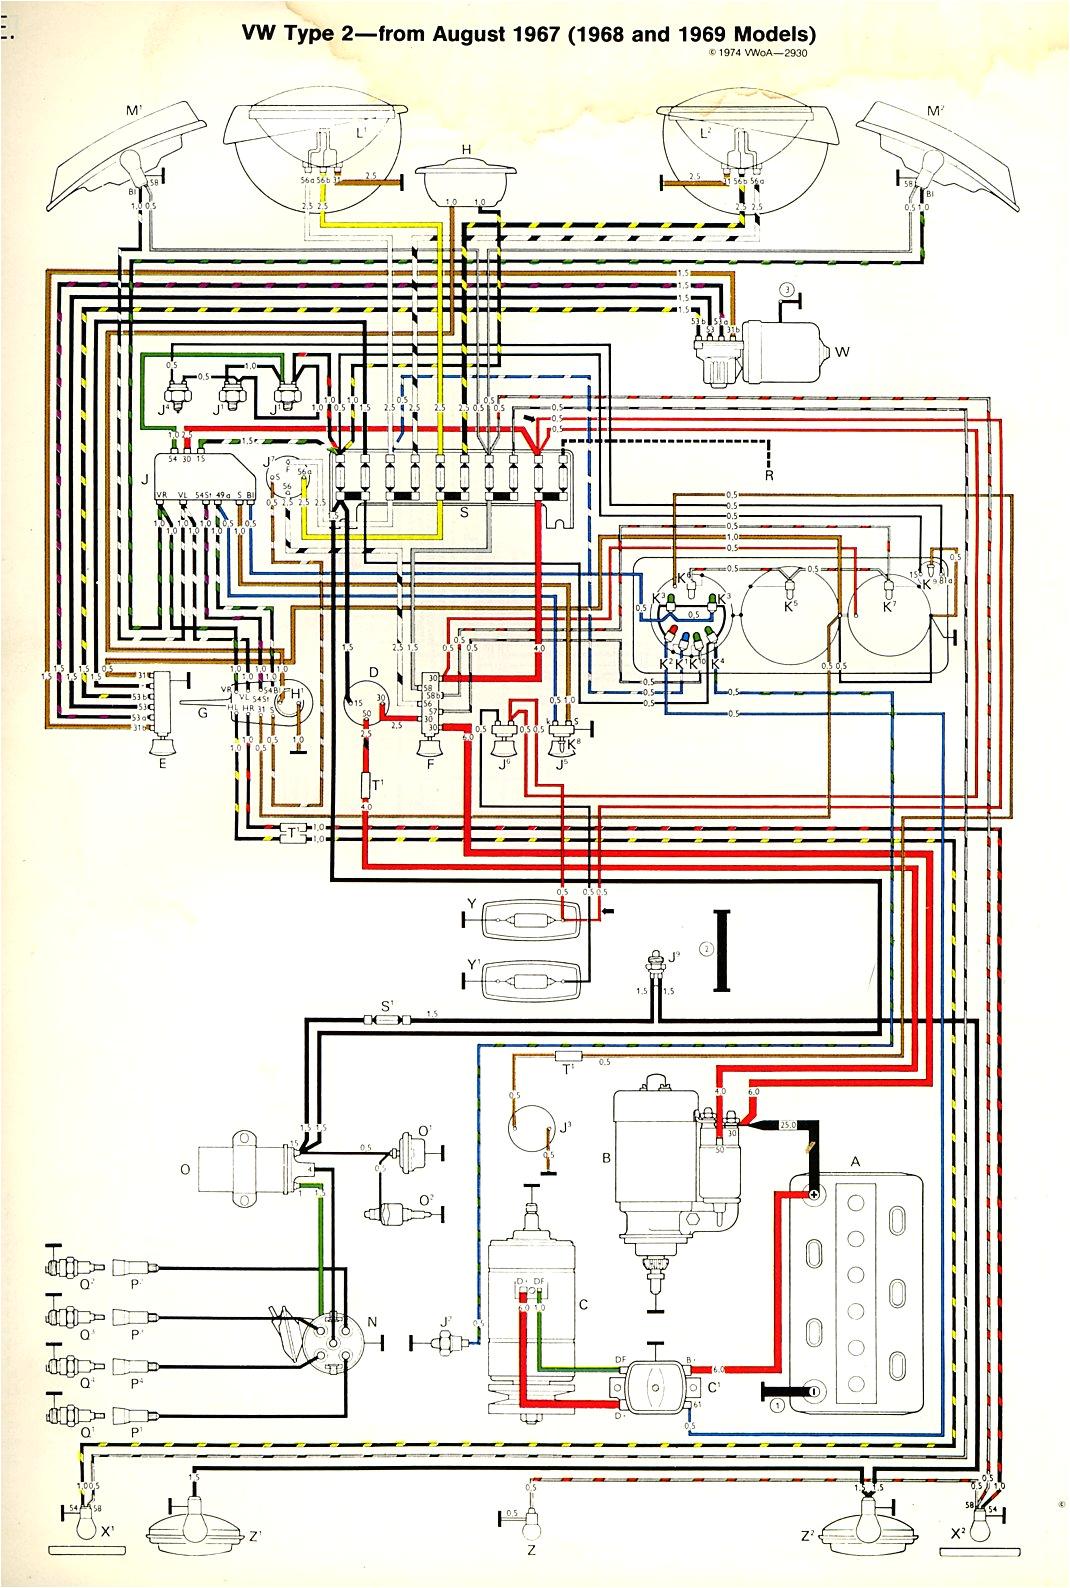 1973 vw bus wiring diagram wiring diagram paper 1973 vw kombi wiring diagram 1973 volkswagen wiring diagram